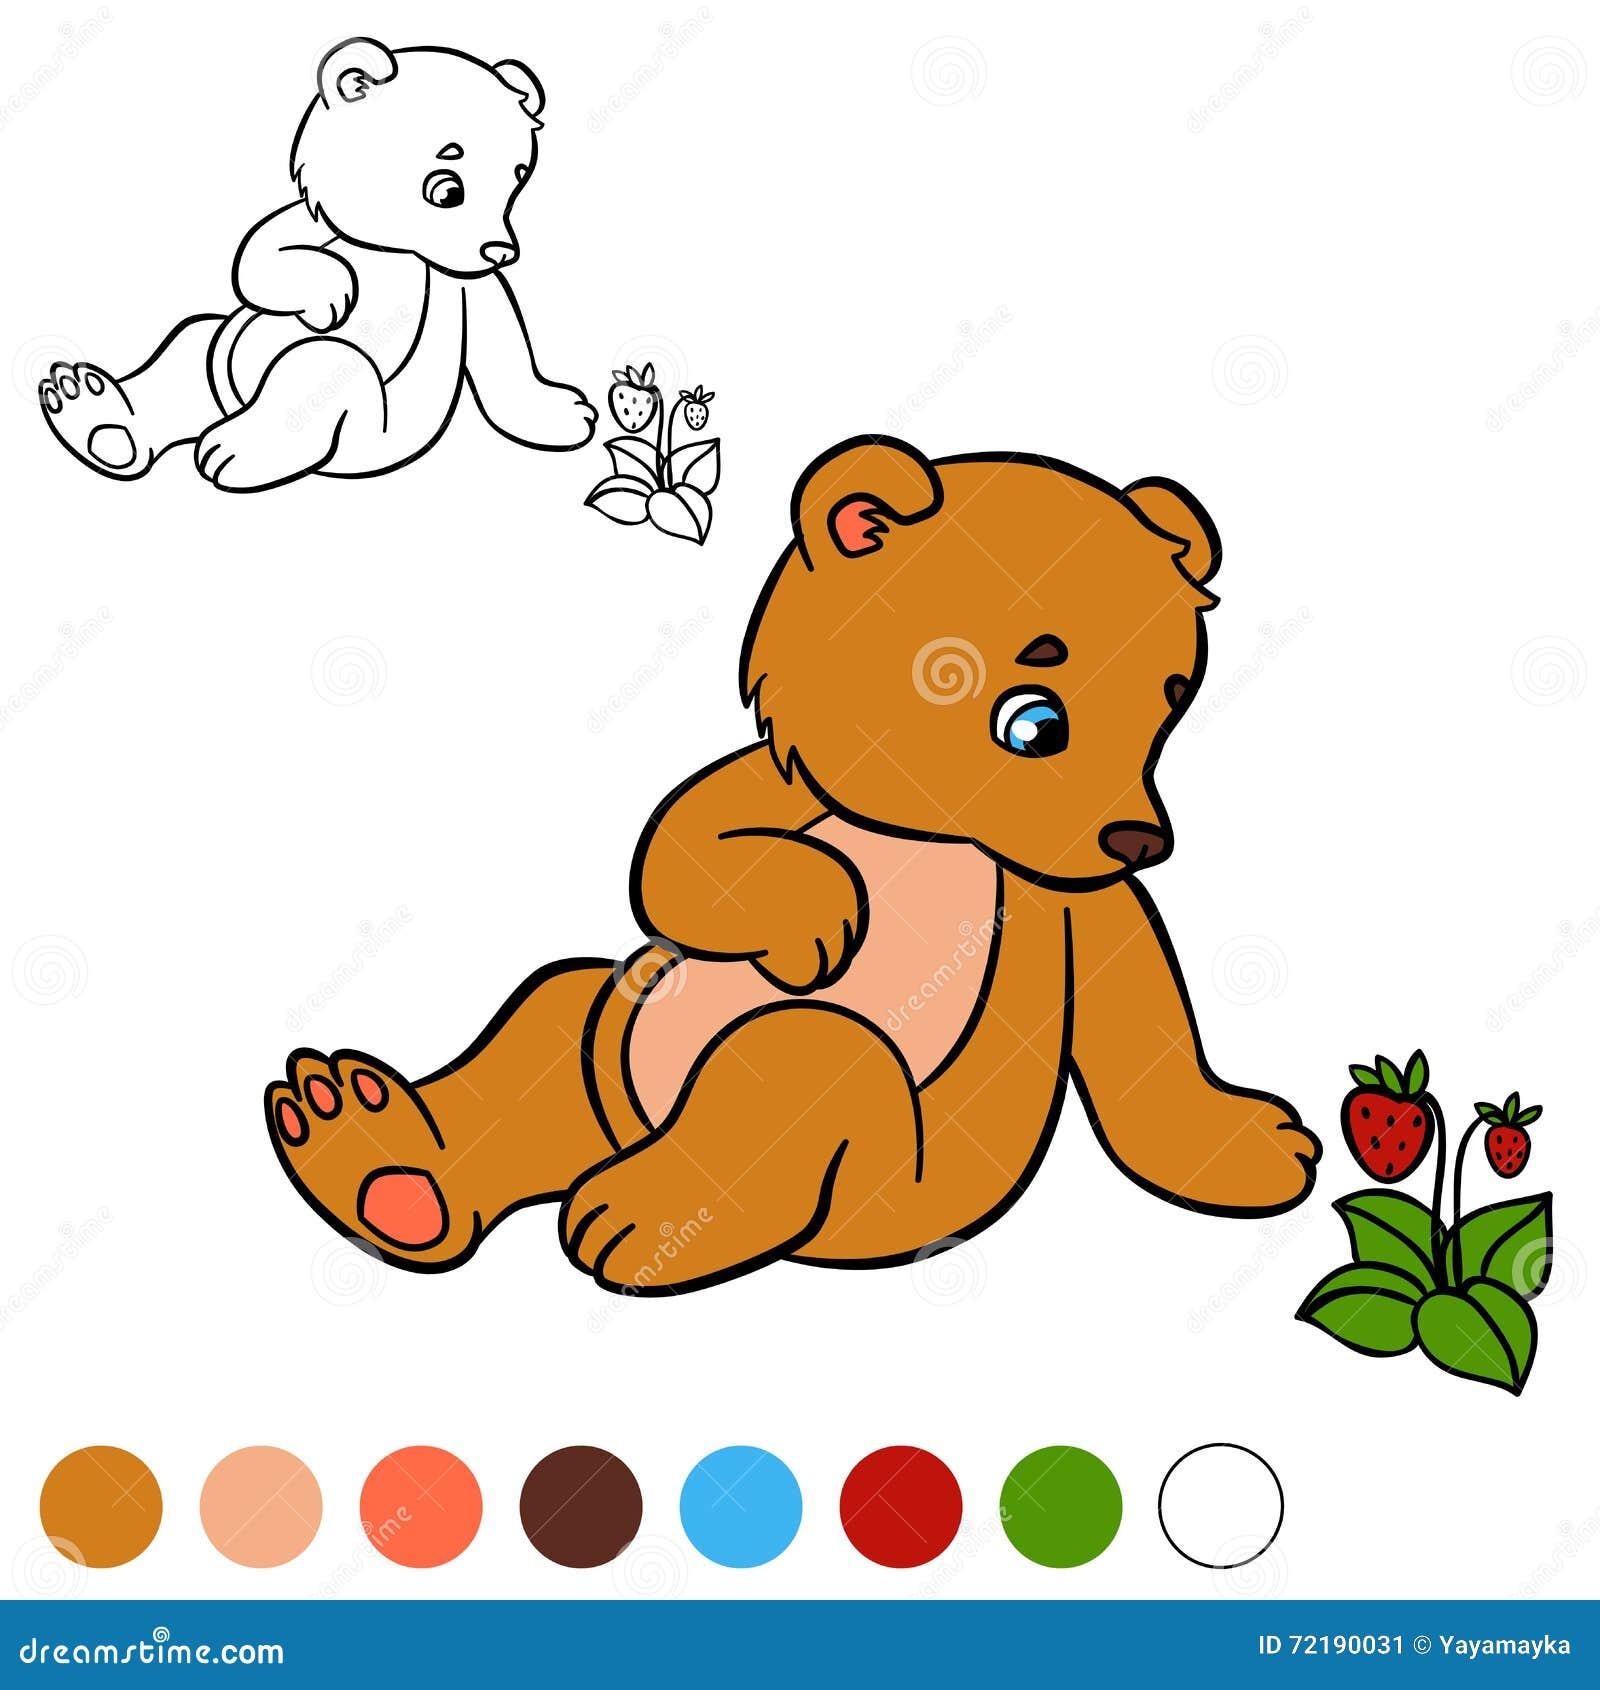 Wunderbar Teddybär Färbung Seite Fotos - Malvorlagen-Ideen ...